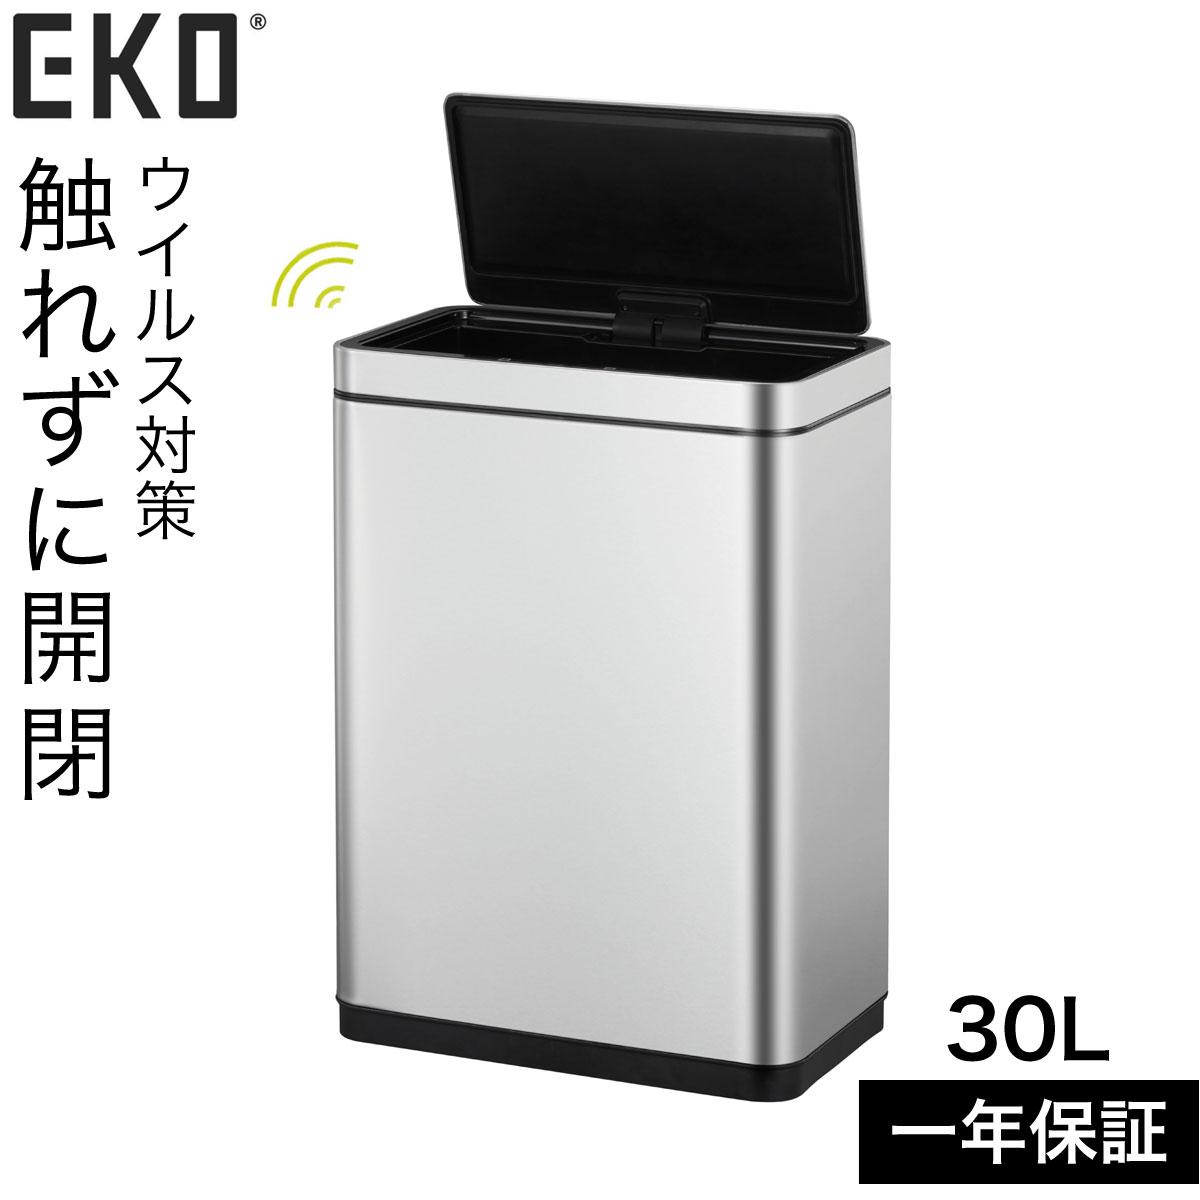 ゴミ箱 ごみ箱 EKO 30リットル キッチン スリム センサー式 デラックスミラージュセンサー式ビン 30L おしゃれ ステンレス